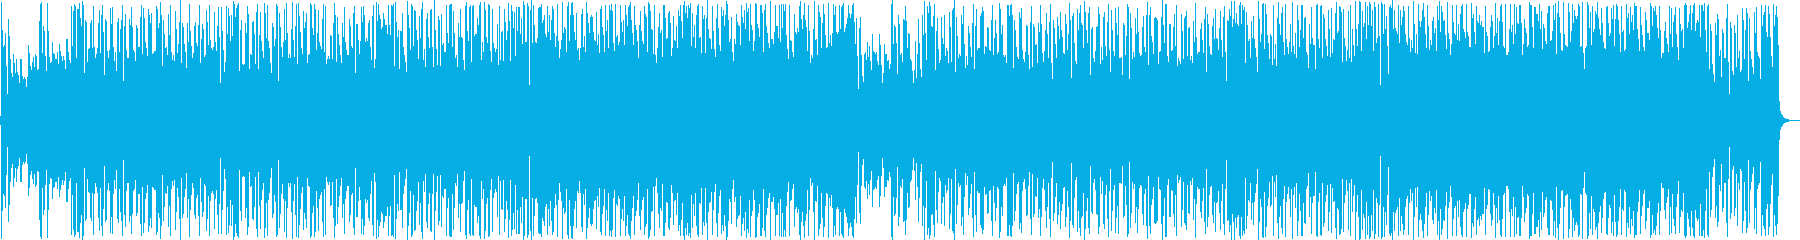 楽しくなる爽やかなフュージョン系BGMの再生済みの波形